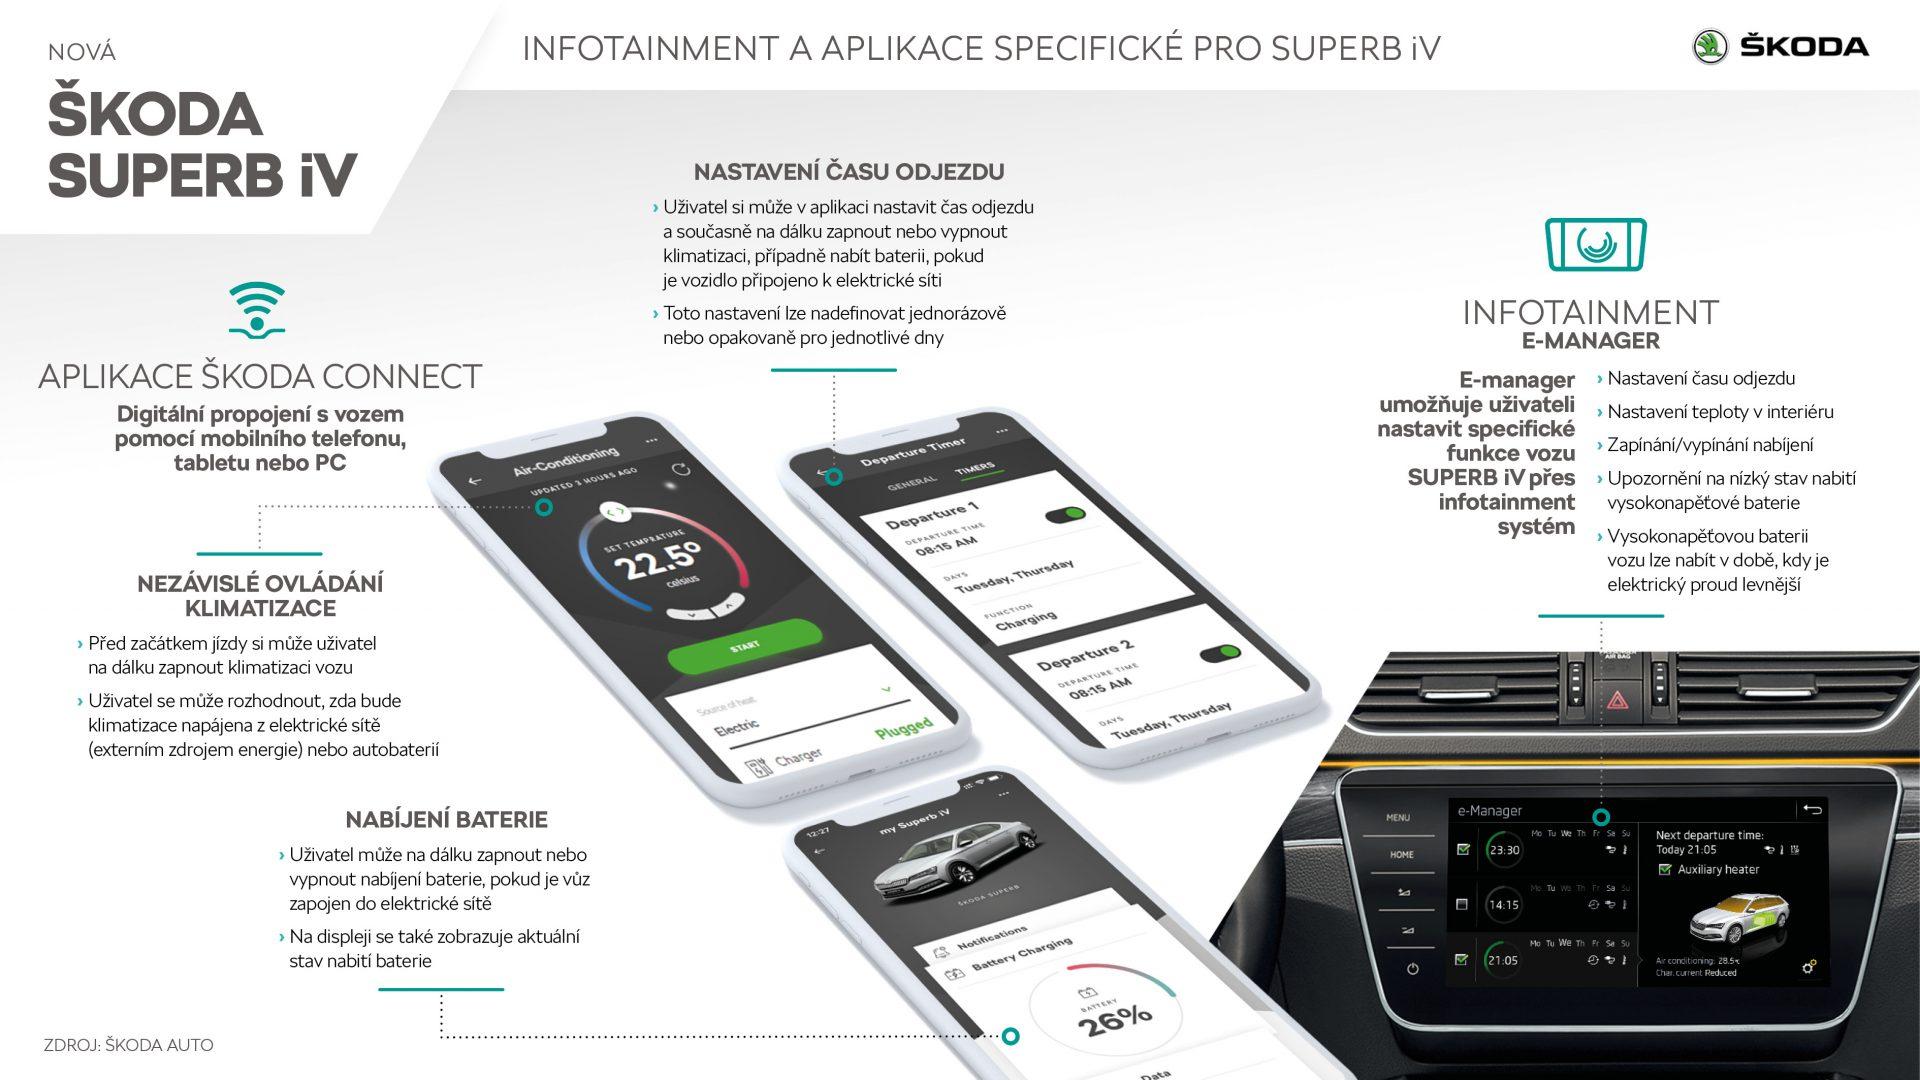 Infotainment a aplikácie špecifické pre SUPERB iV